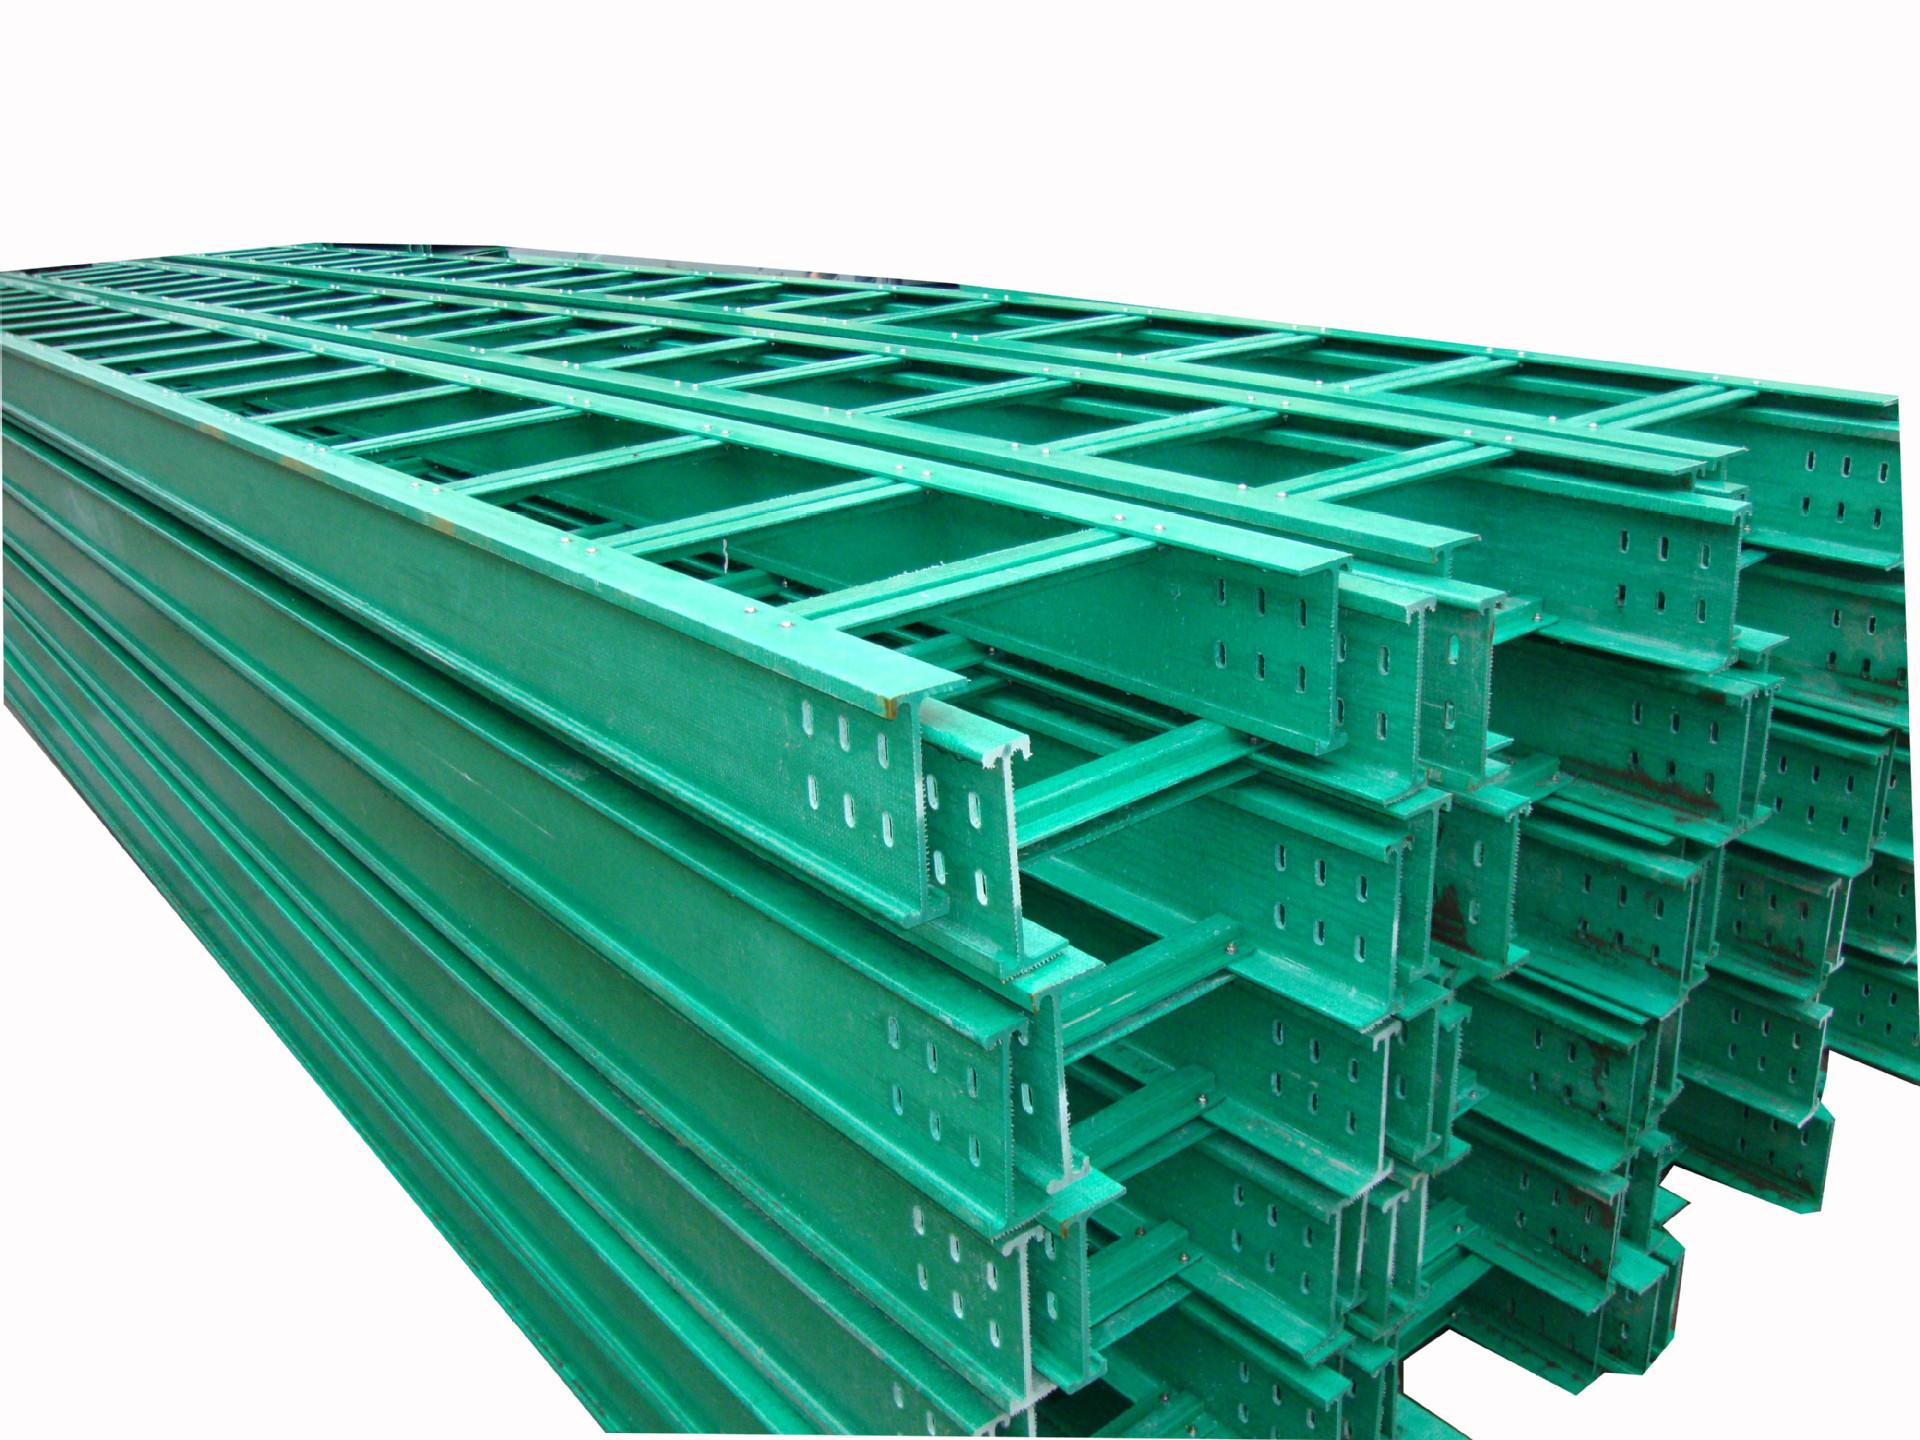 宏润玻璃钢电缆桥架好品质值得信赖 玻璃钢电缆槽生产厂家